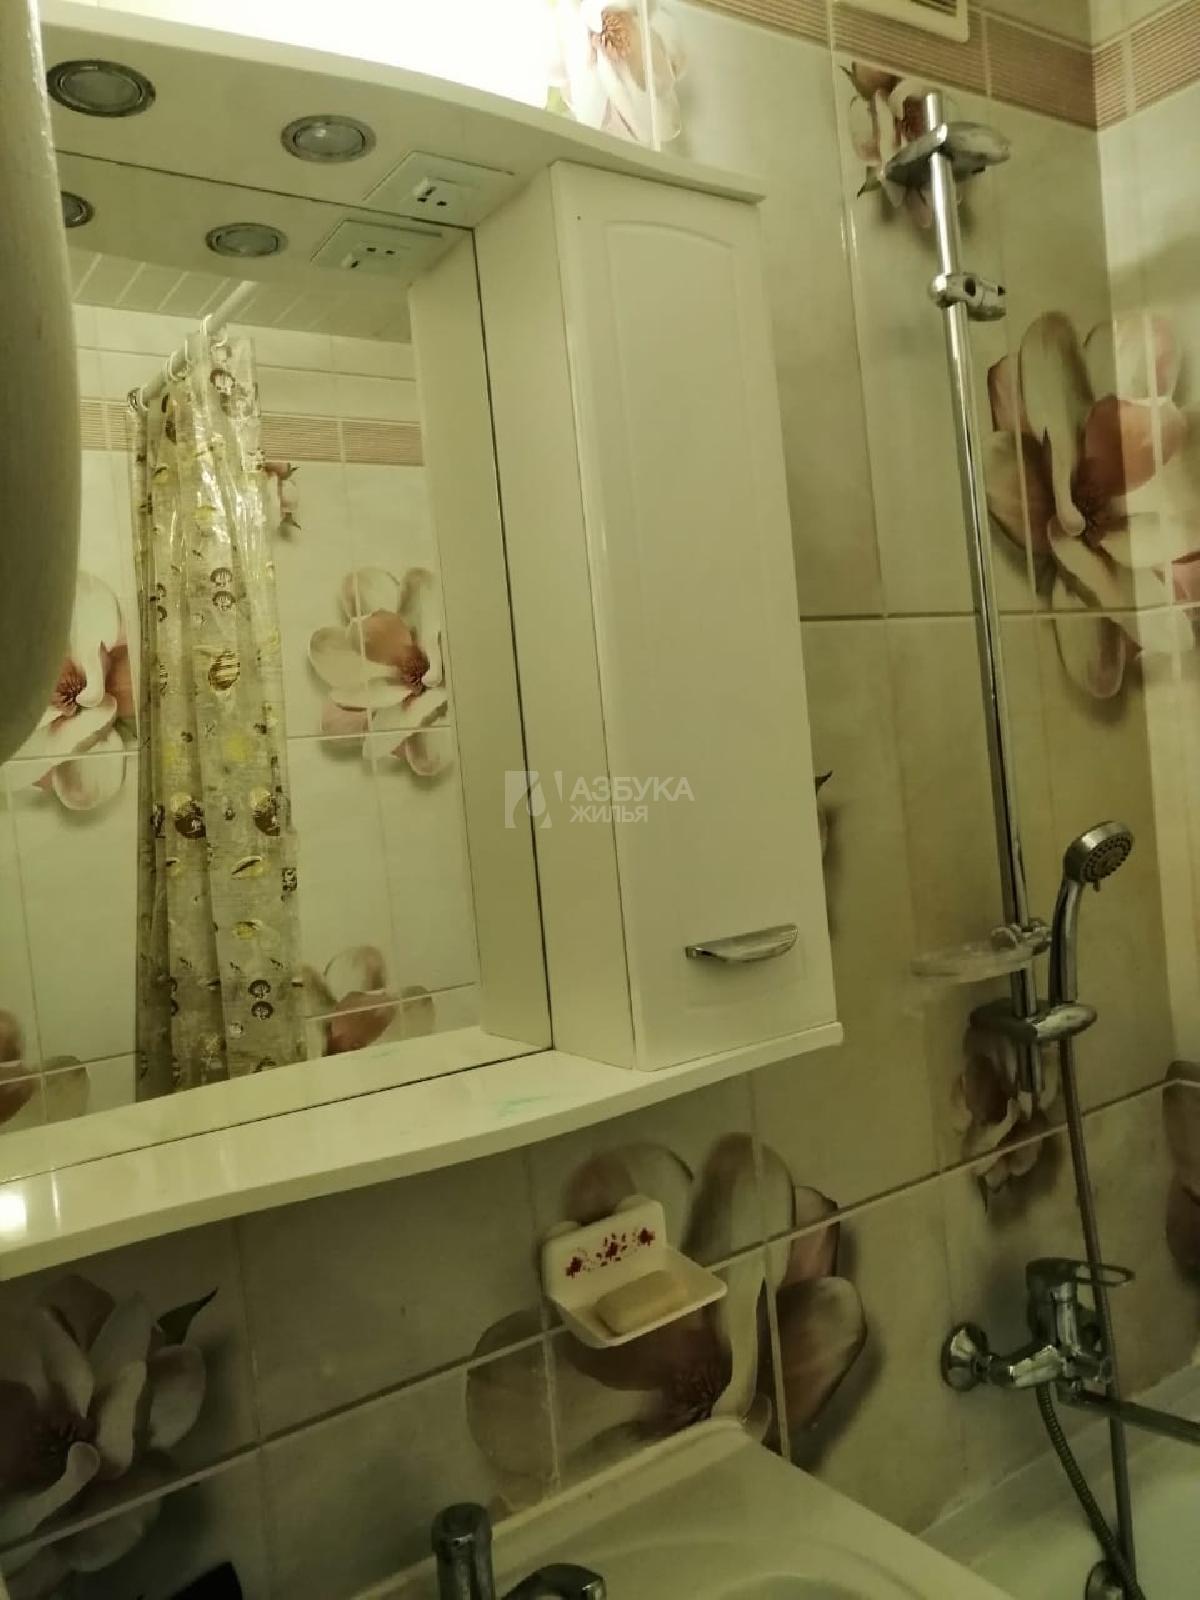 Фото №5 - 1-комнатная квартира, Балашиха, микрорайон Саввино, 1 Мая улица 11